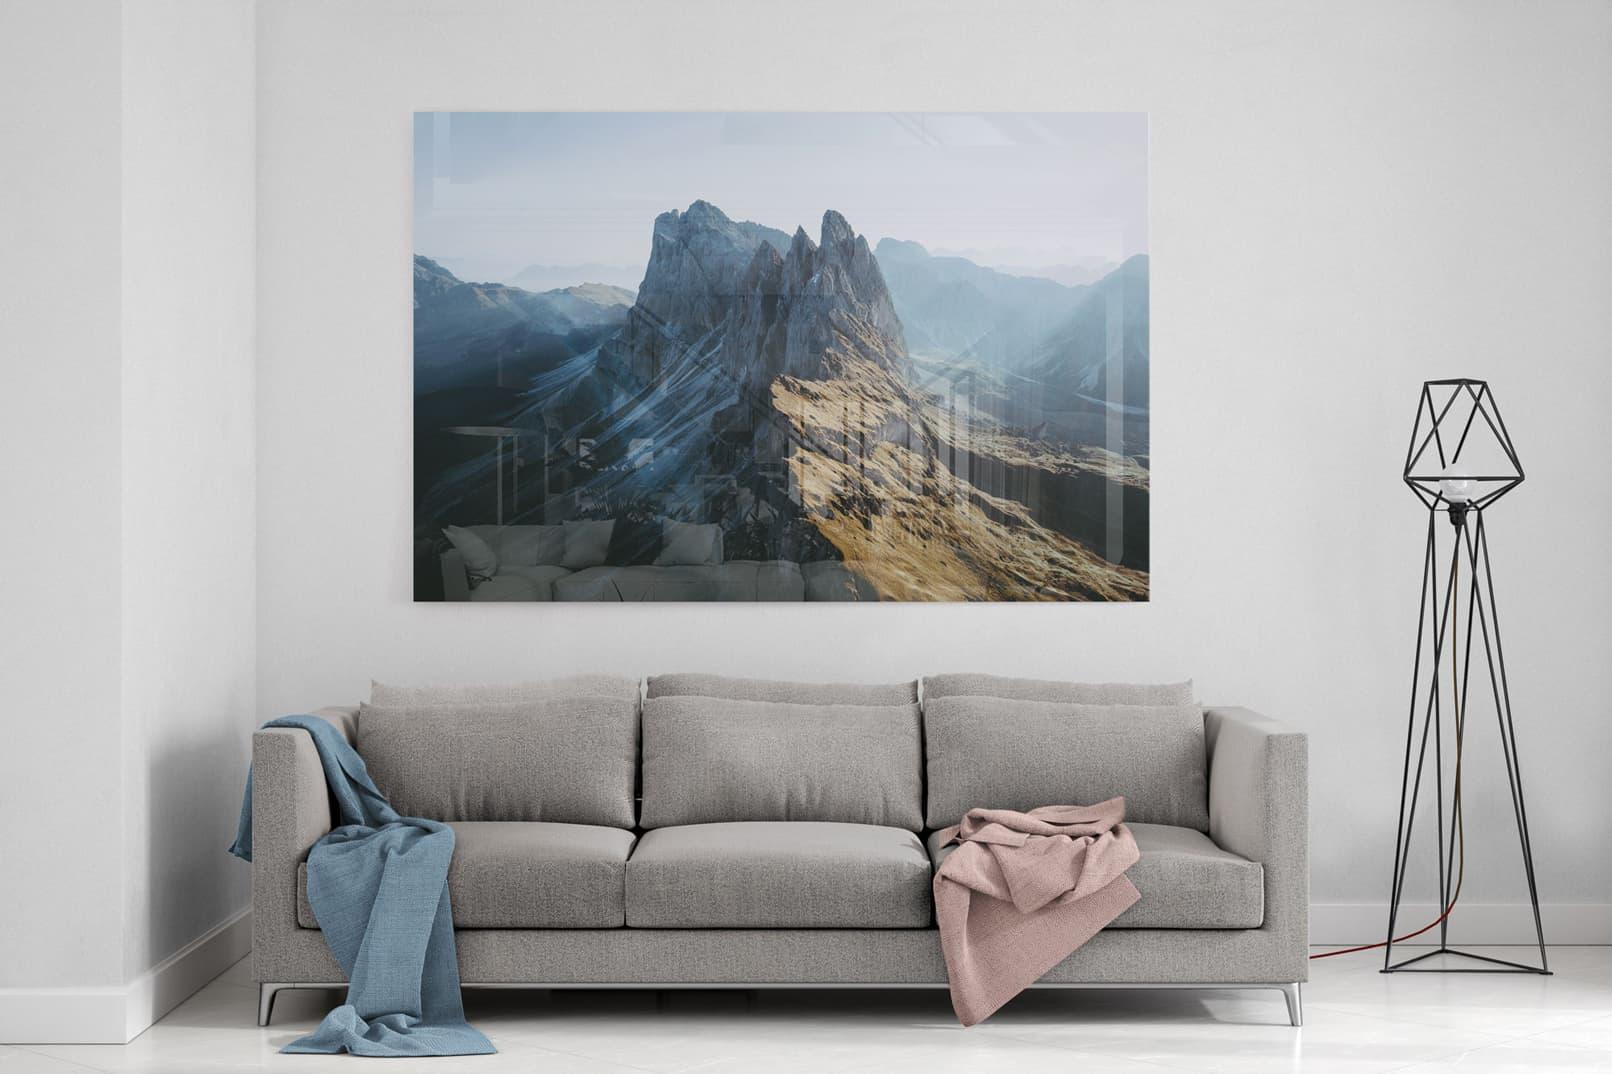 Drucke Deine Fotos In Galeriequalitat Photocircle Net